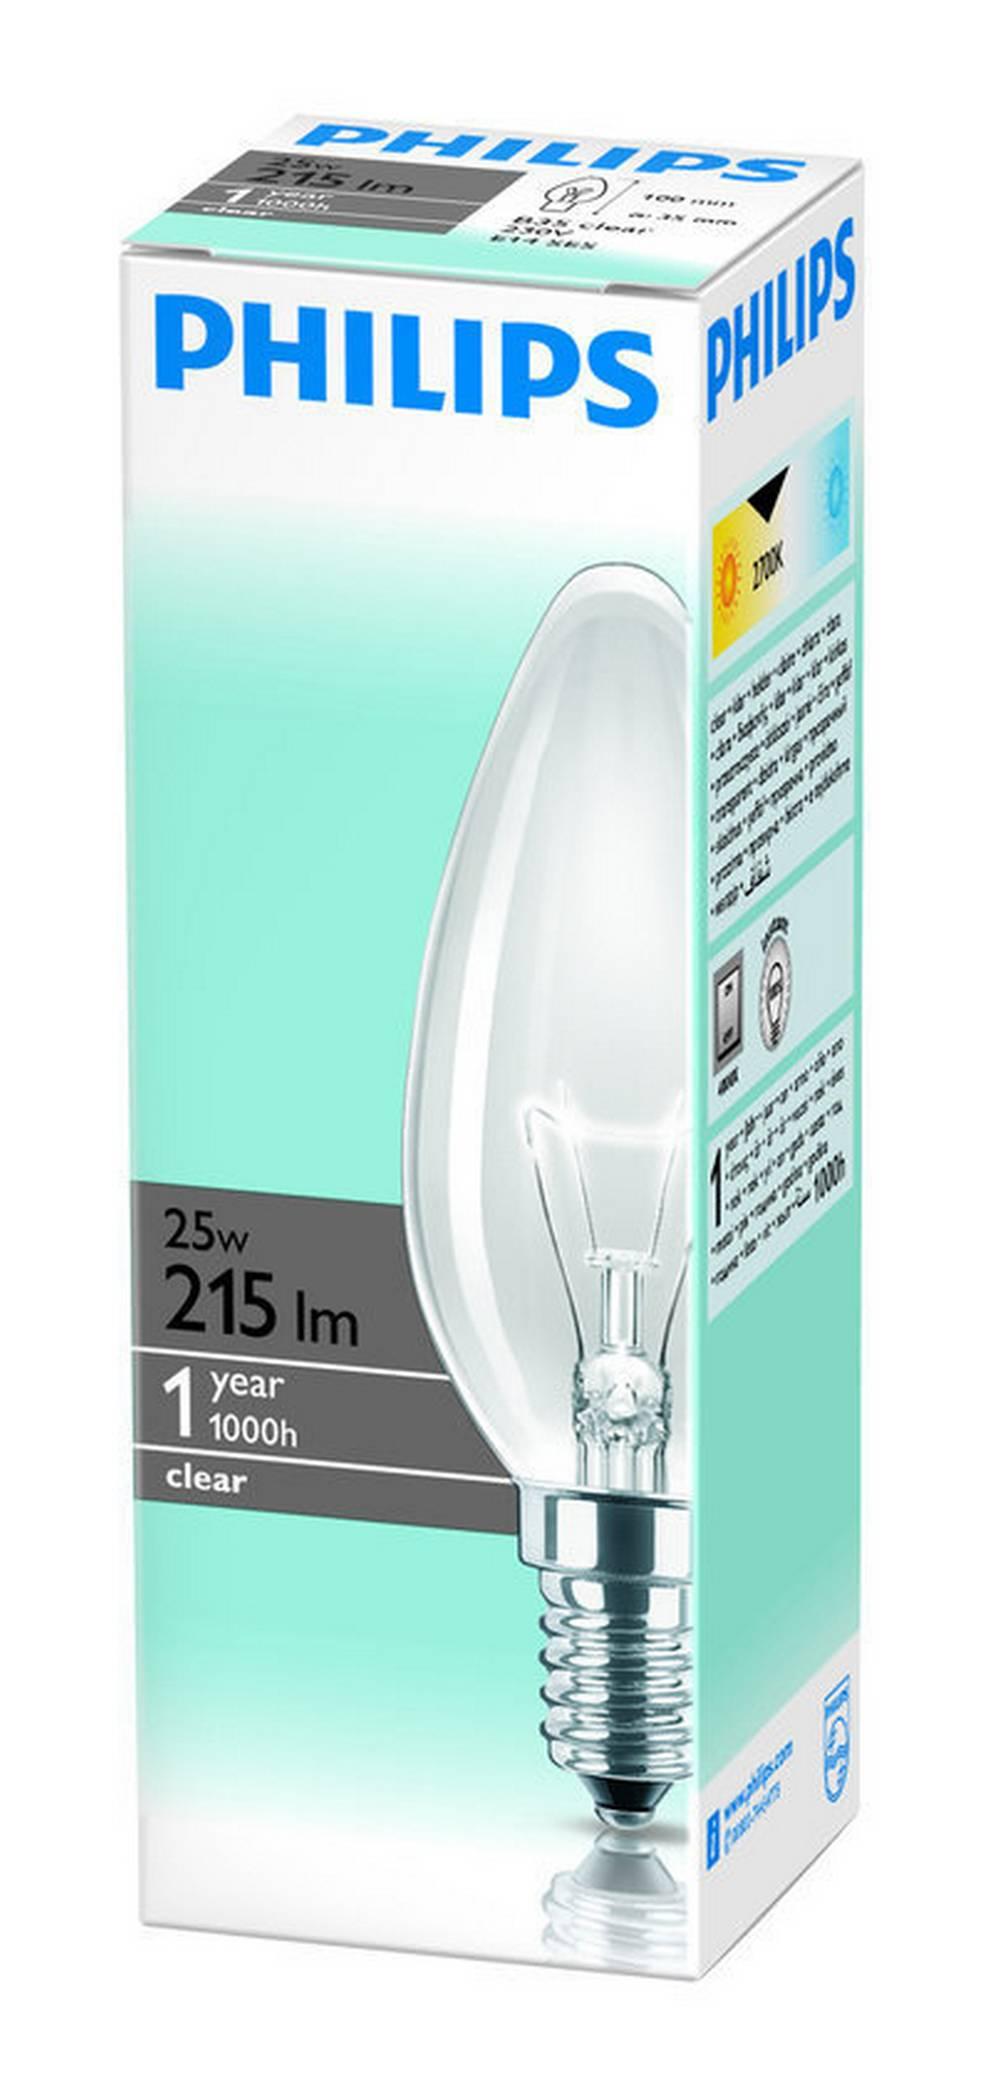 Λάμπα Κεράκι Philips Β35 Clear 25W 215 Lumen 230V